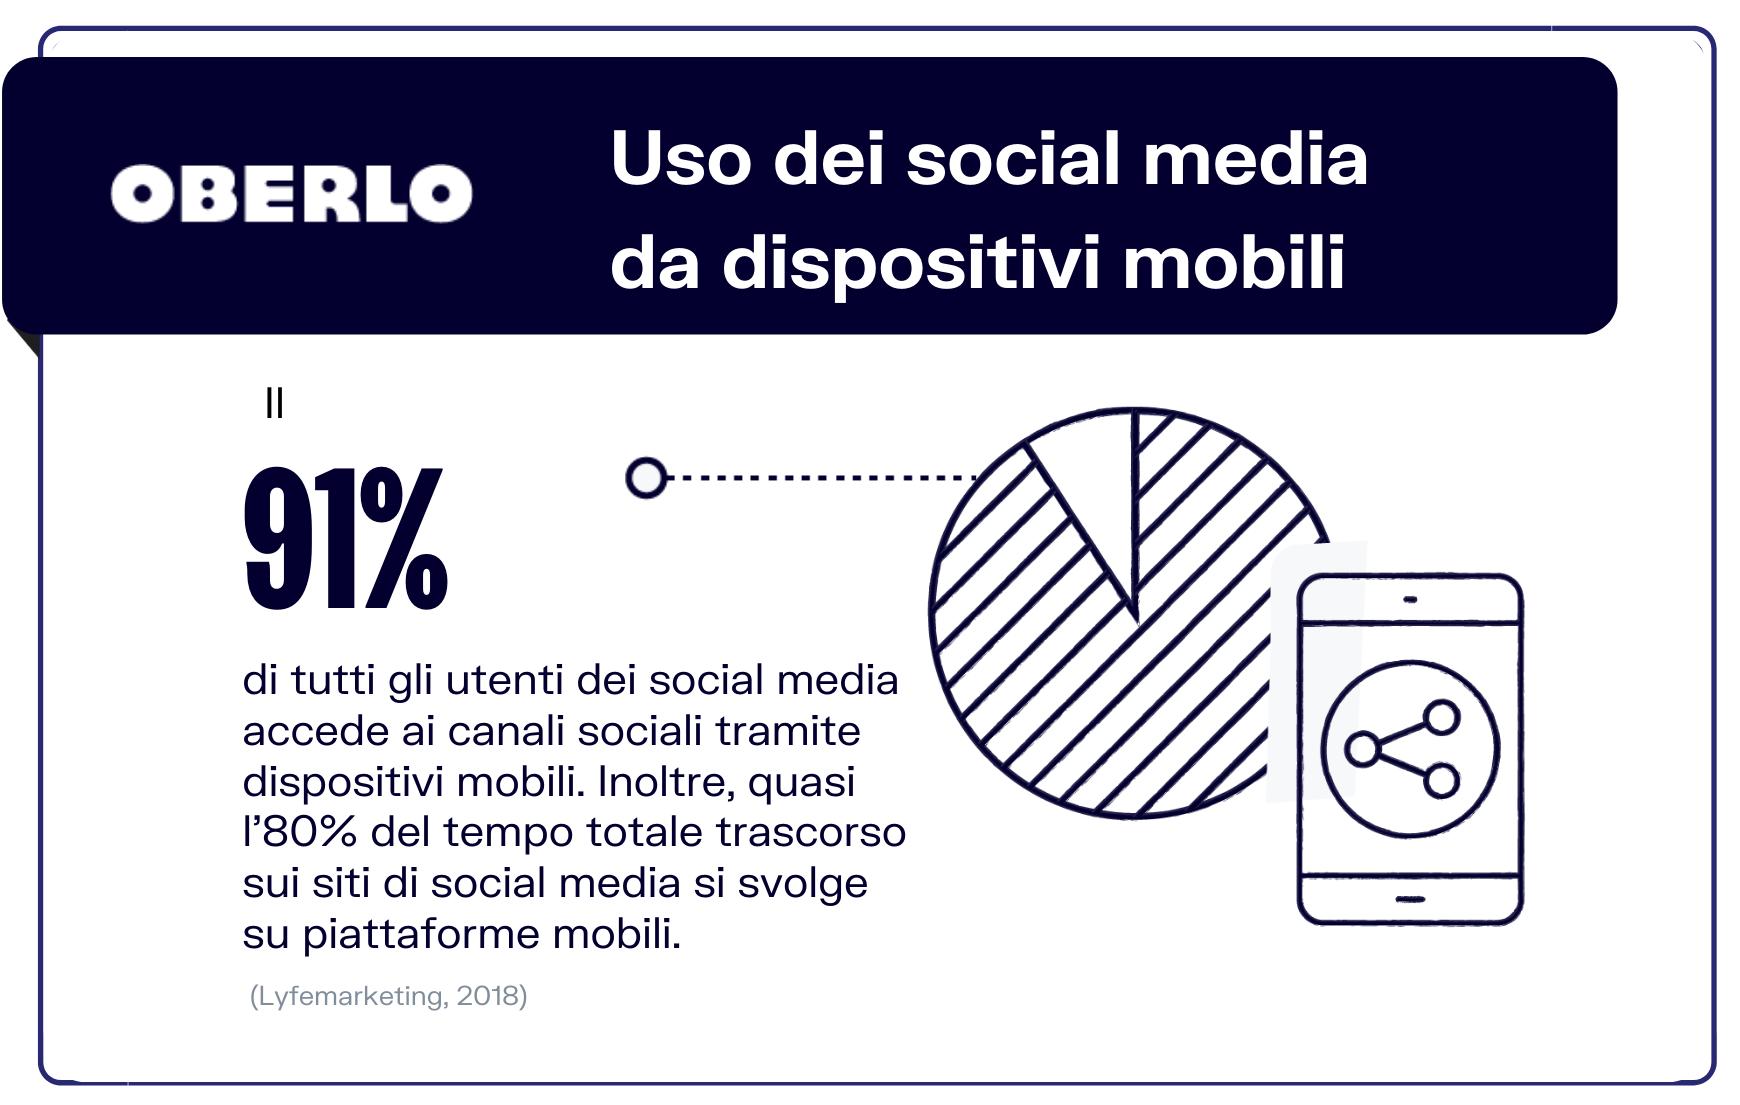 statistiche social media mobile